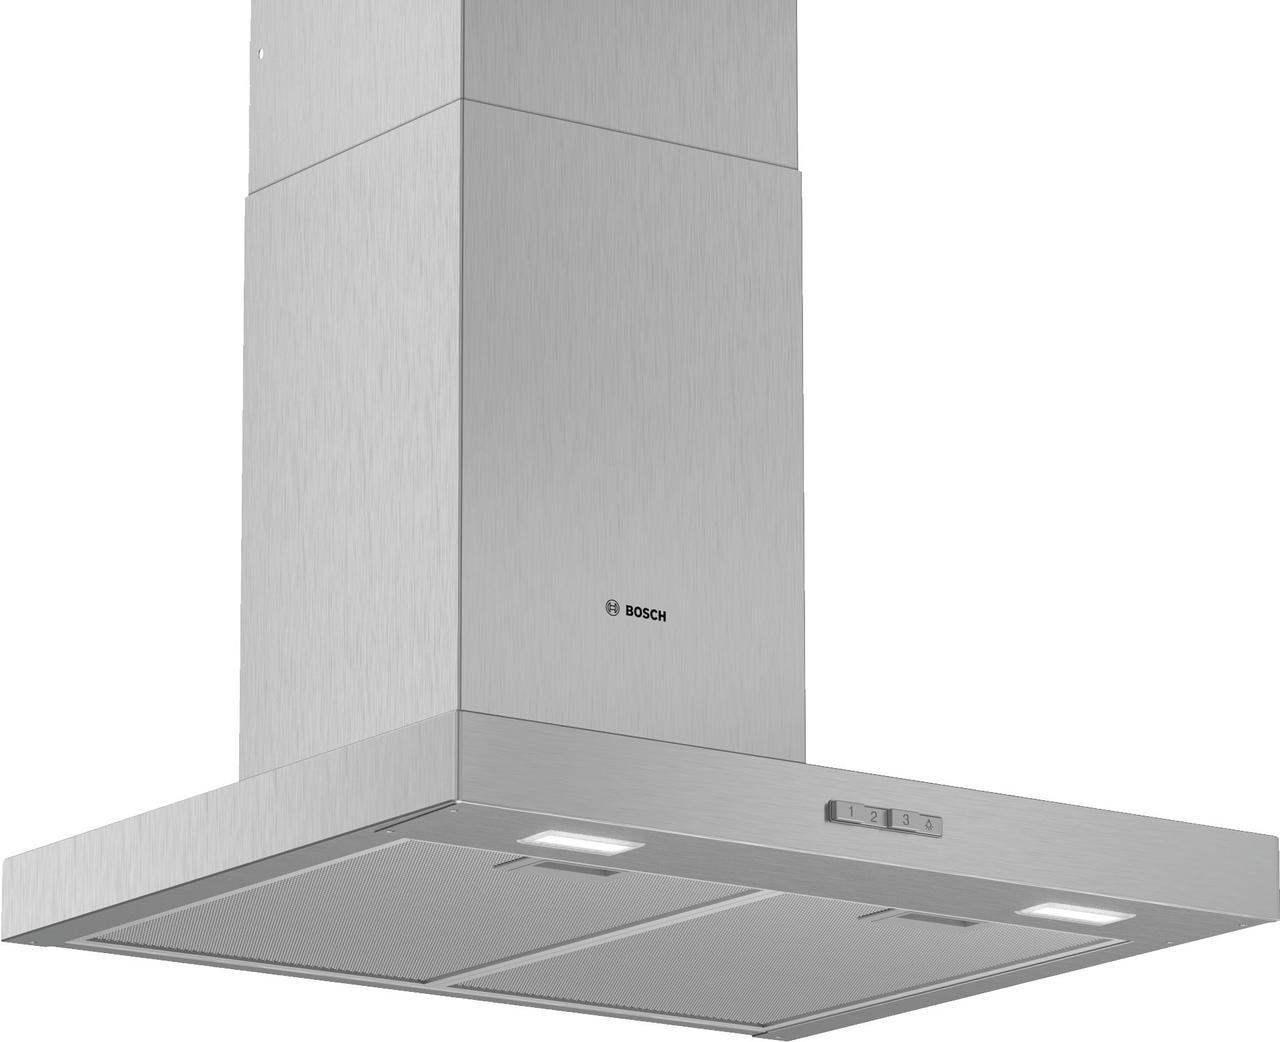 Кухонная вытяжка настенная  Bosch DWB64BC50